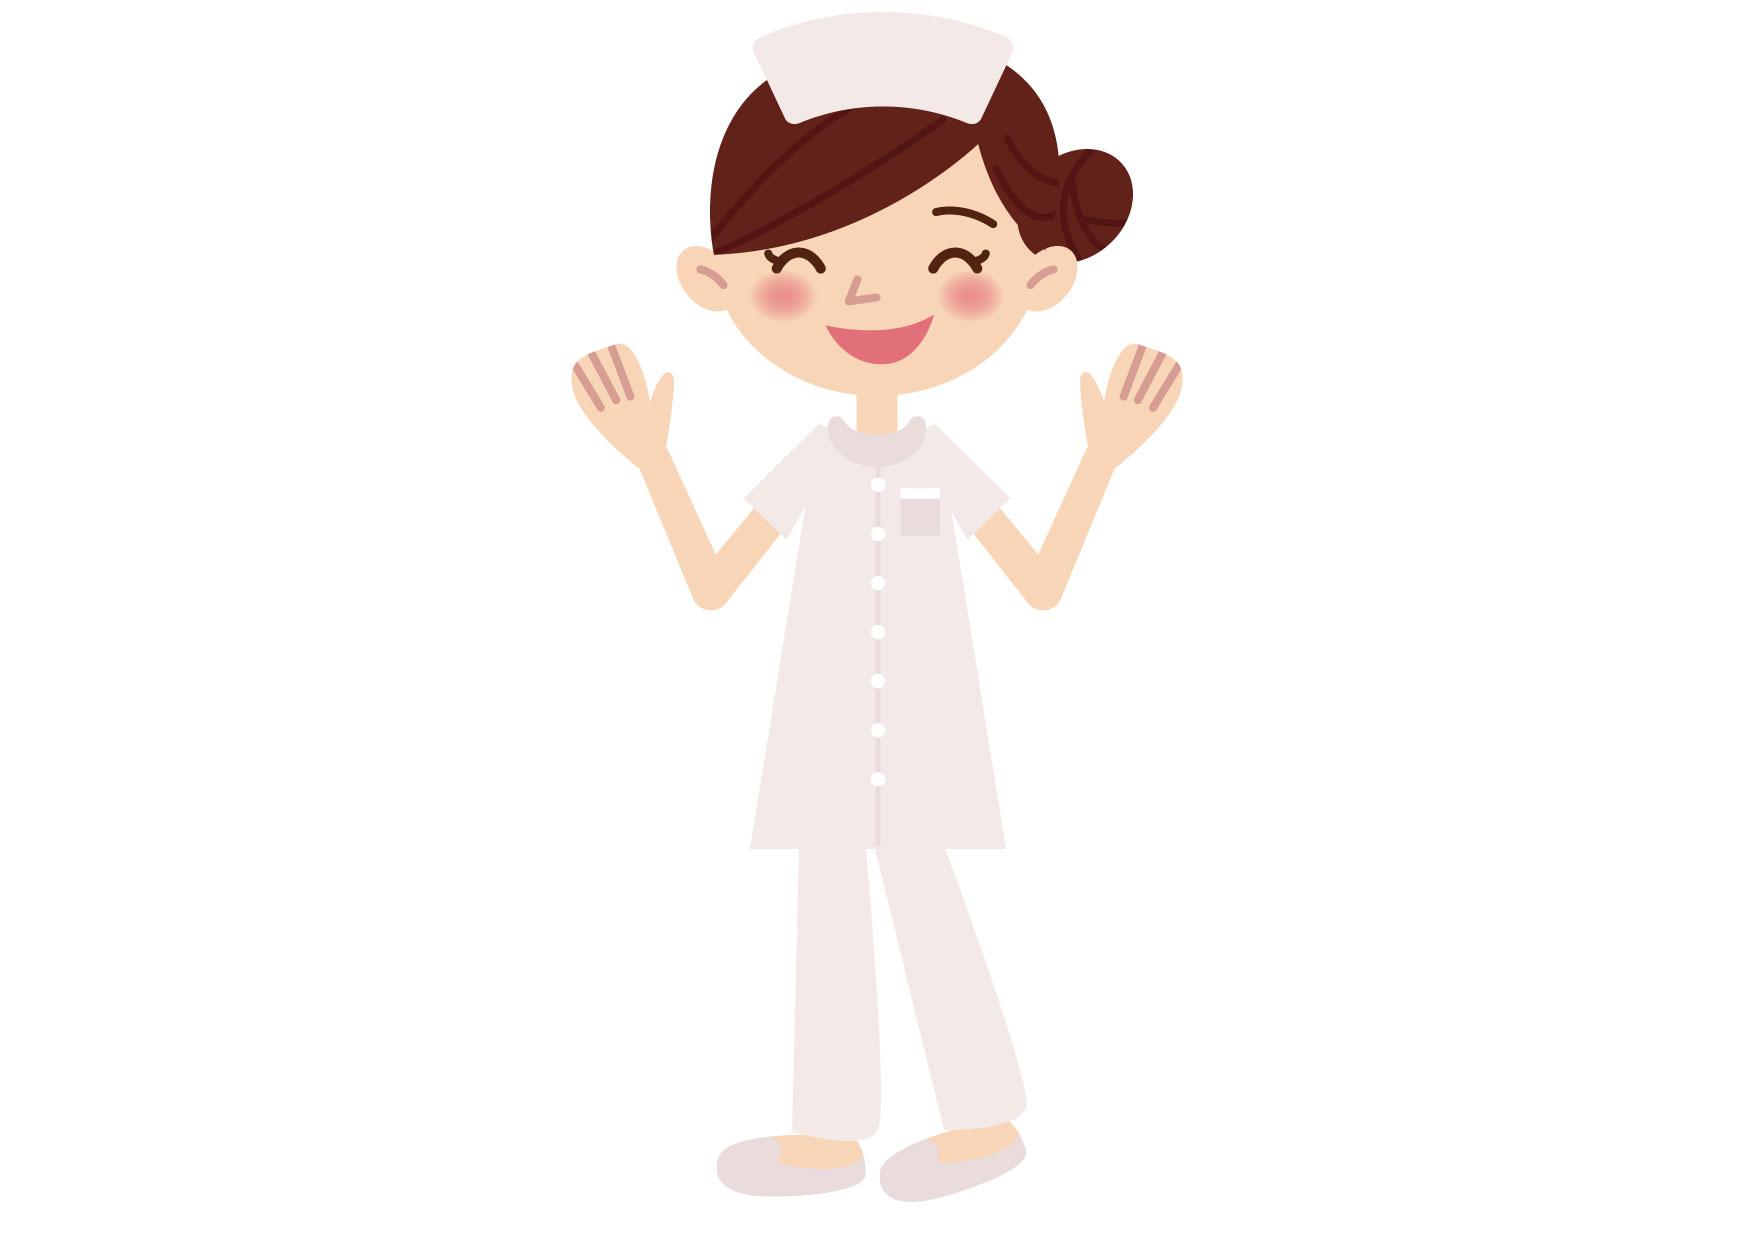 看護師 両手を挙げる イラスト 無料